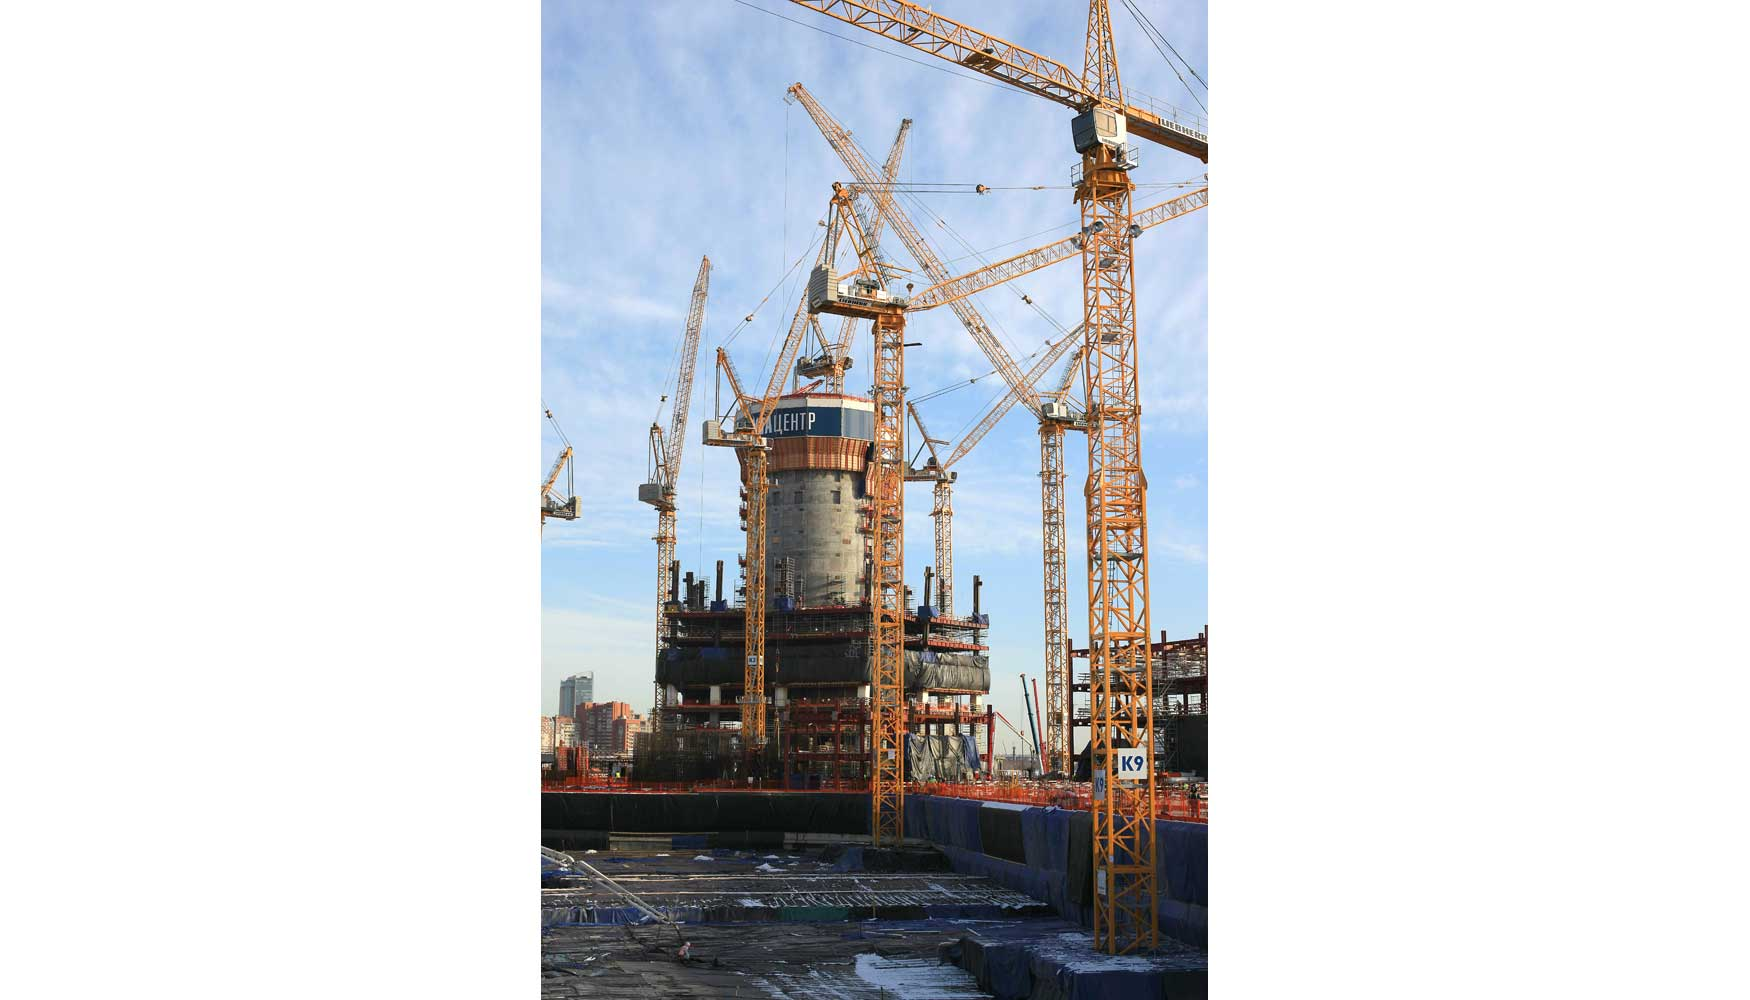 diez gras torre de liebherr trabajan en la construccin del edificio ms alto de europa